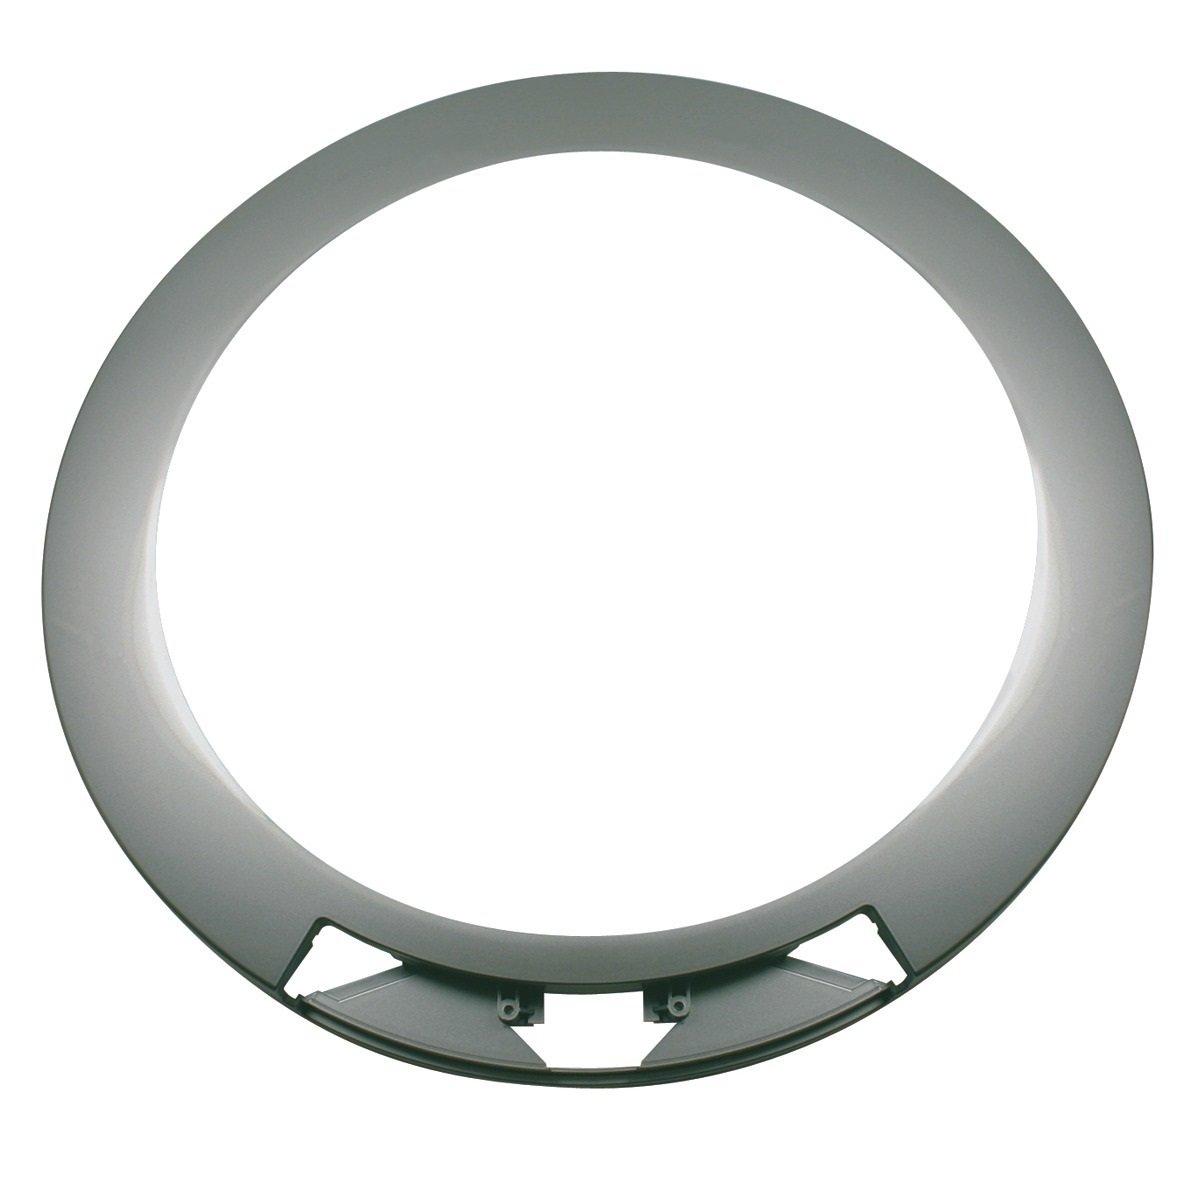 Trring-Fensterrahmen-auen-Waschmaschine-Bosch-Siemens-672818